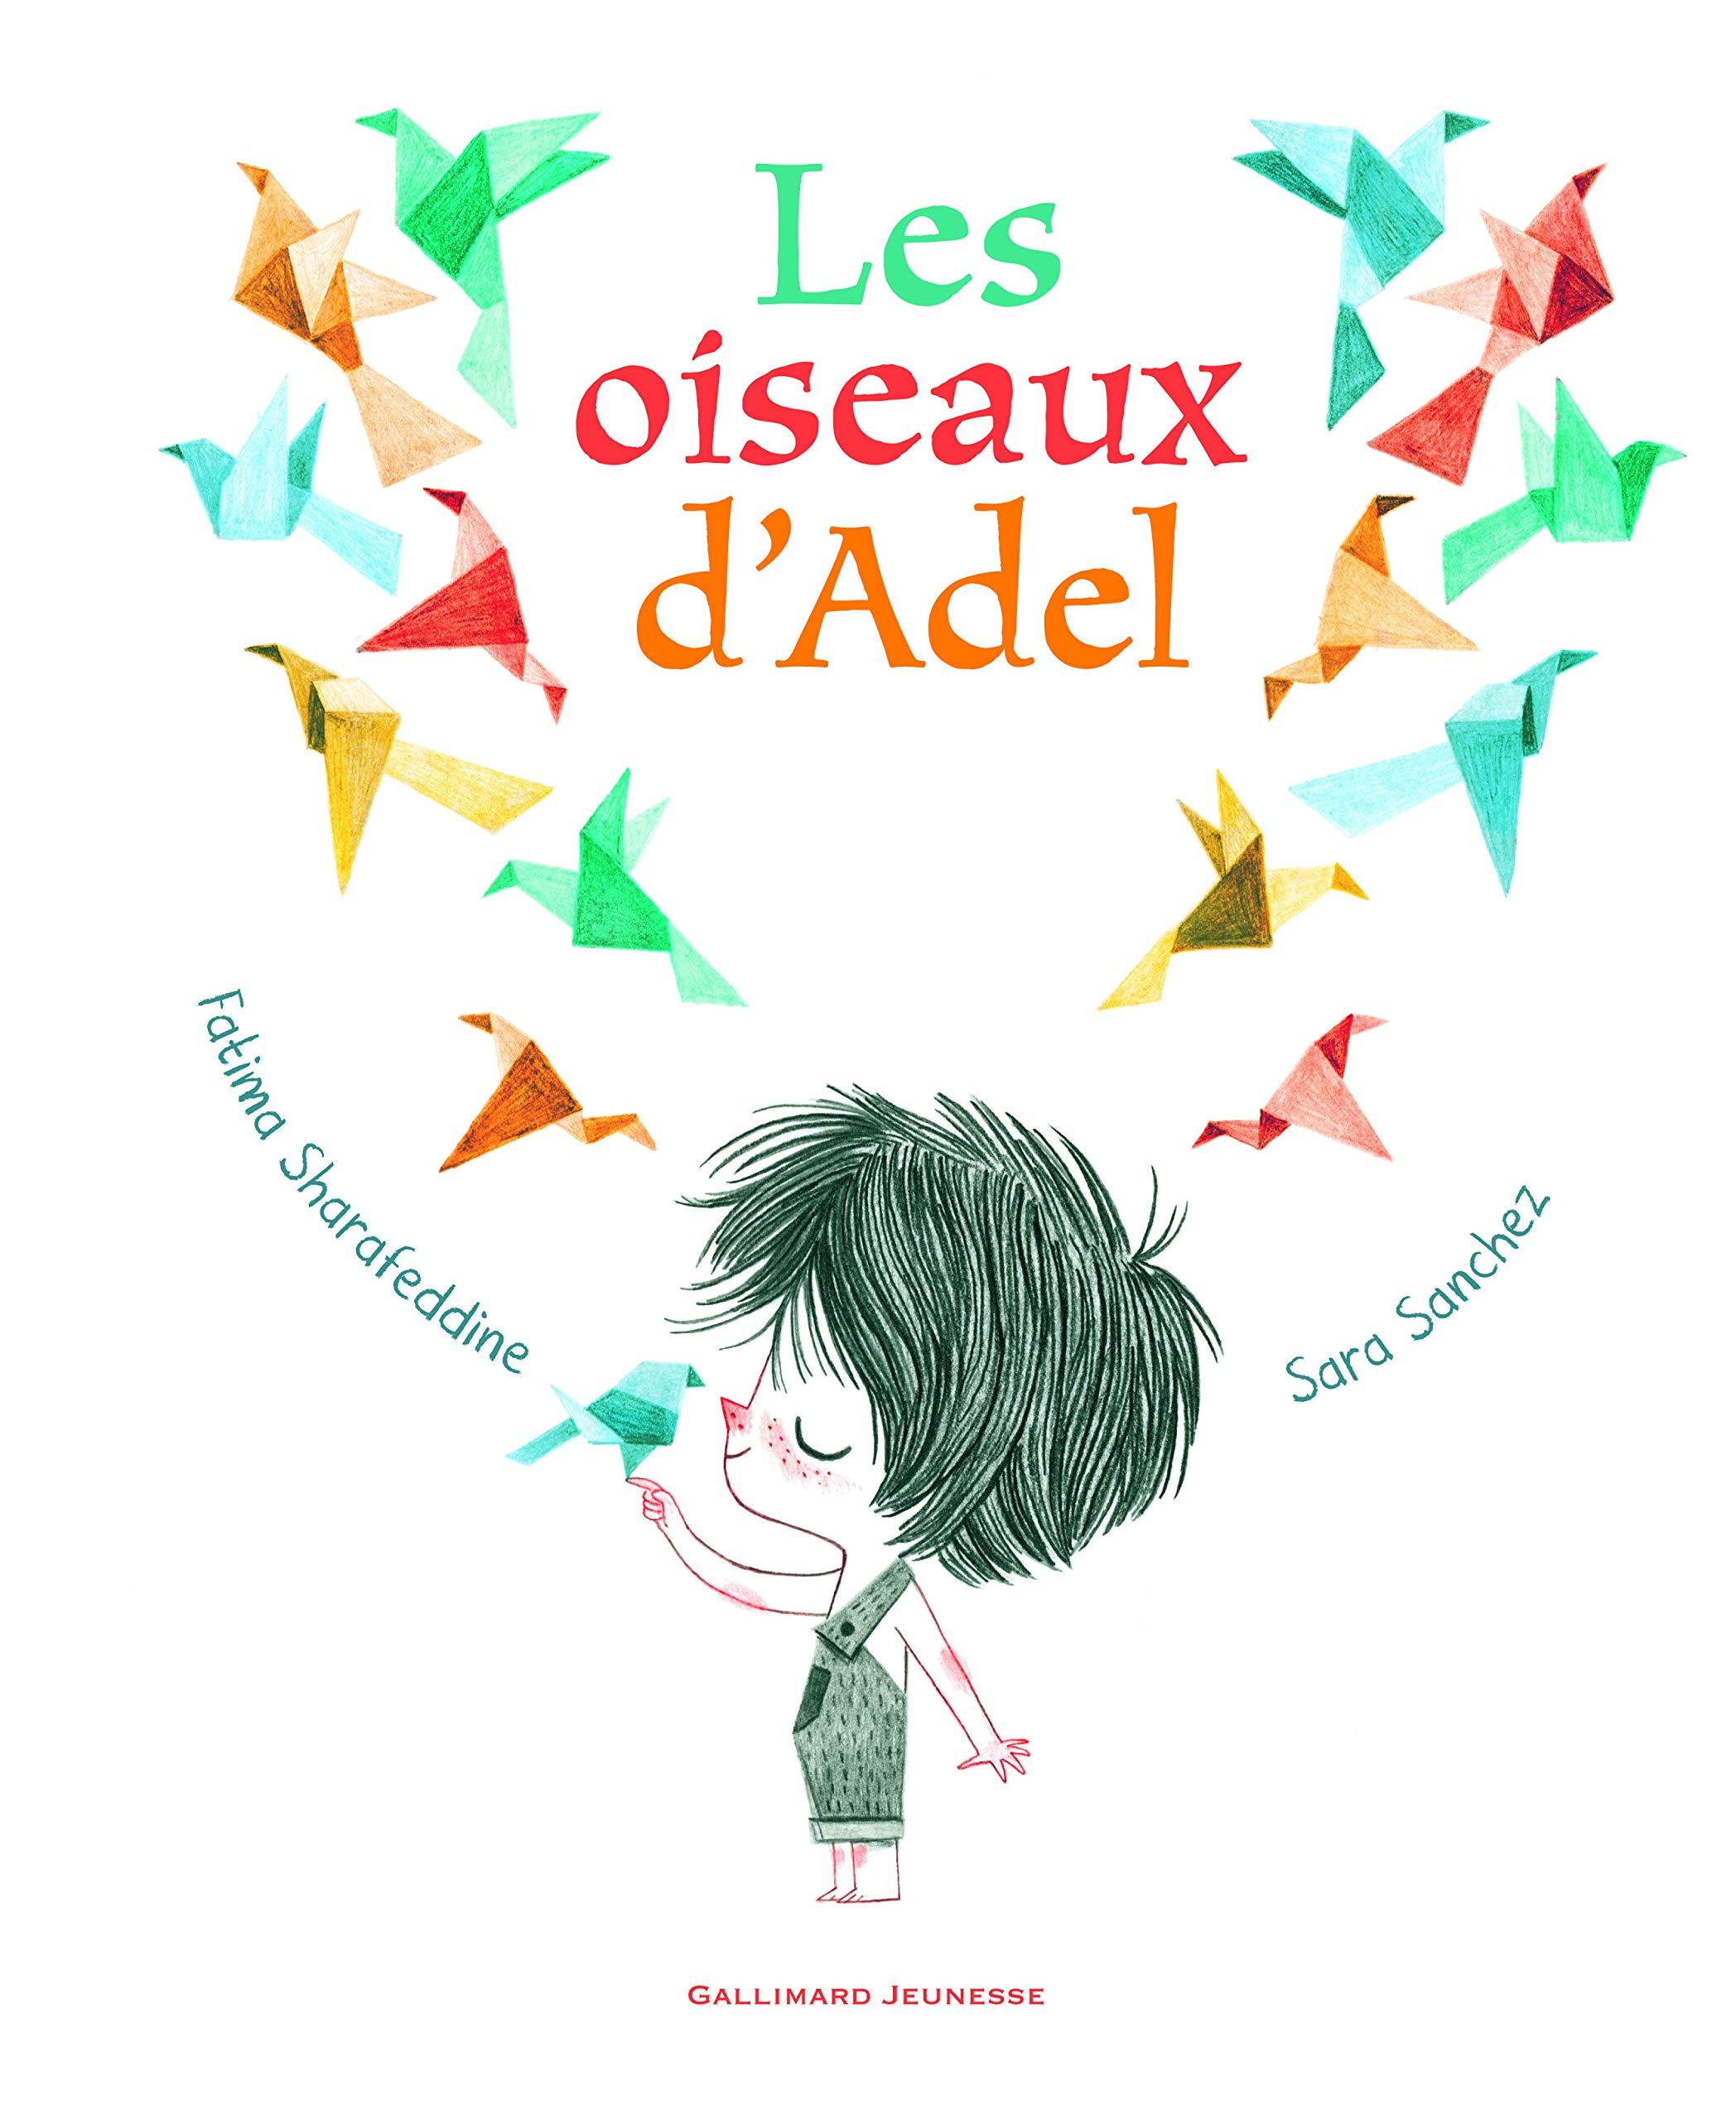 Les oiseaux d'Adel, de Fatima Sharafeddine (texte) et Sara Sanchez (illustrations)